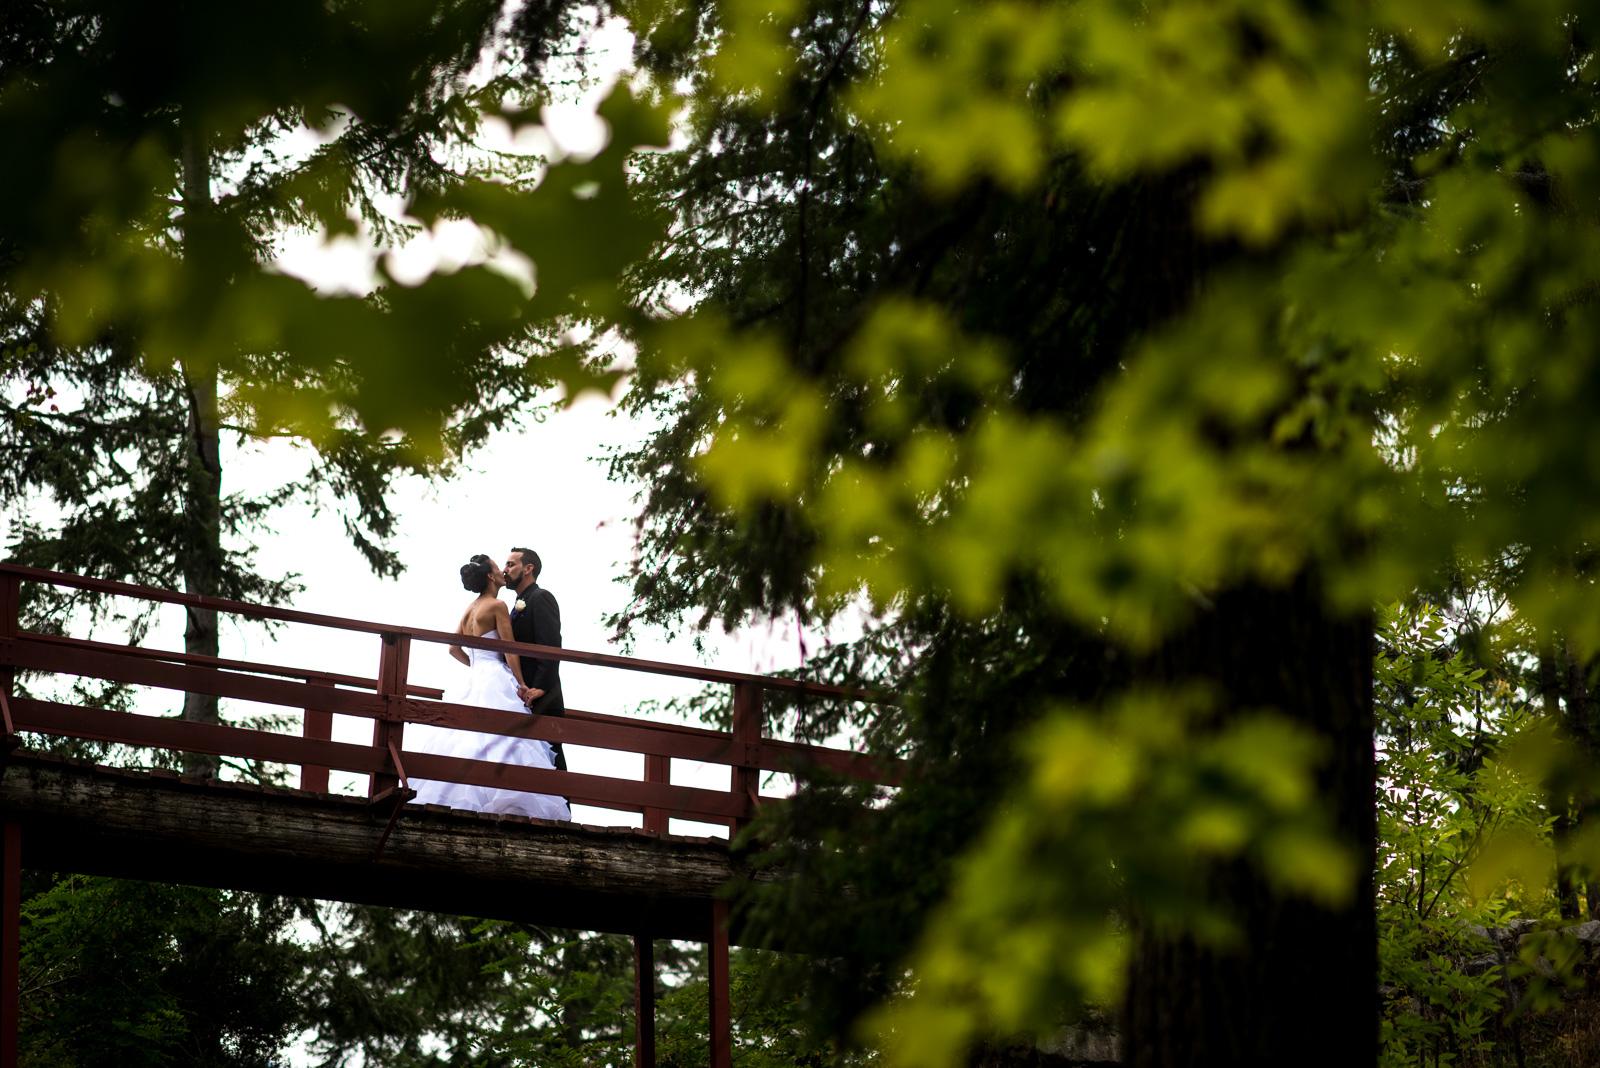 vancouver-island-wedding-photographers-nelson-hume-hotel-wedding-29.jpg